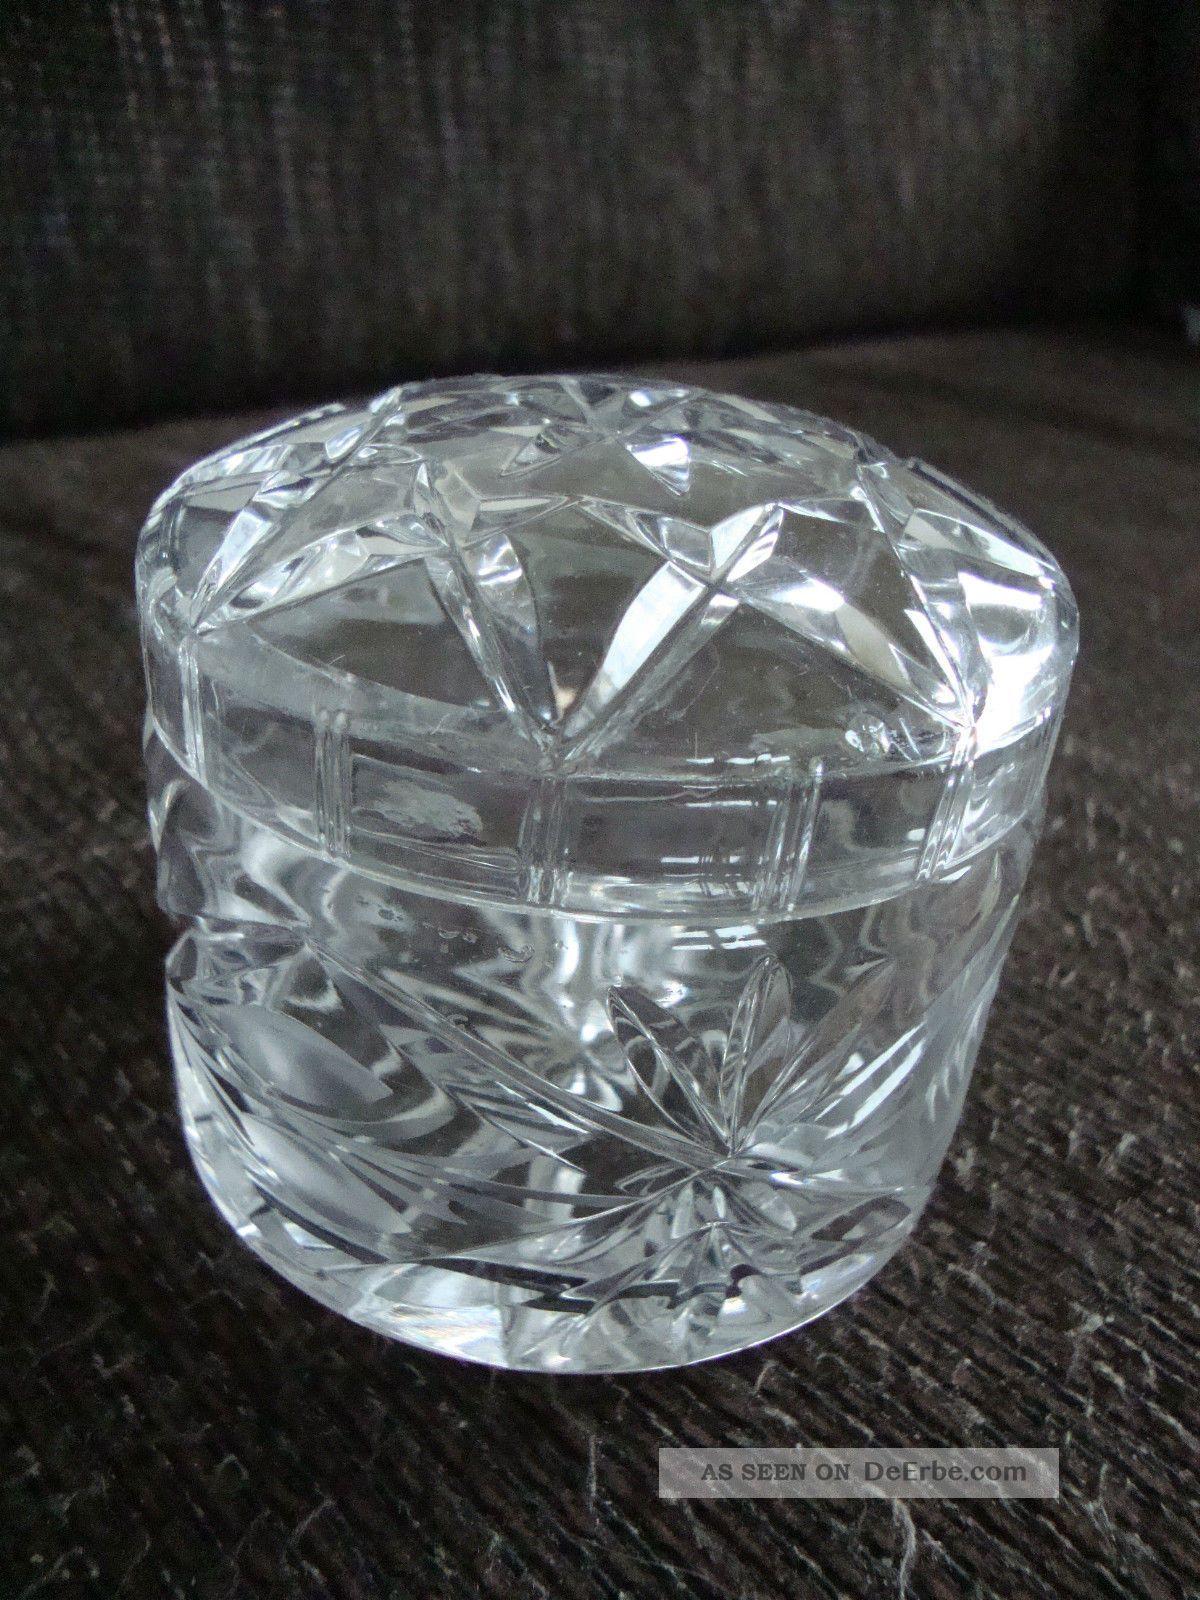 schwere bleikristall zuckerdose schleuderstern muster kristall glas kunst art. Black Bedroom Furniture Sets. Home Design Ideas